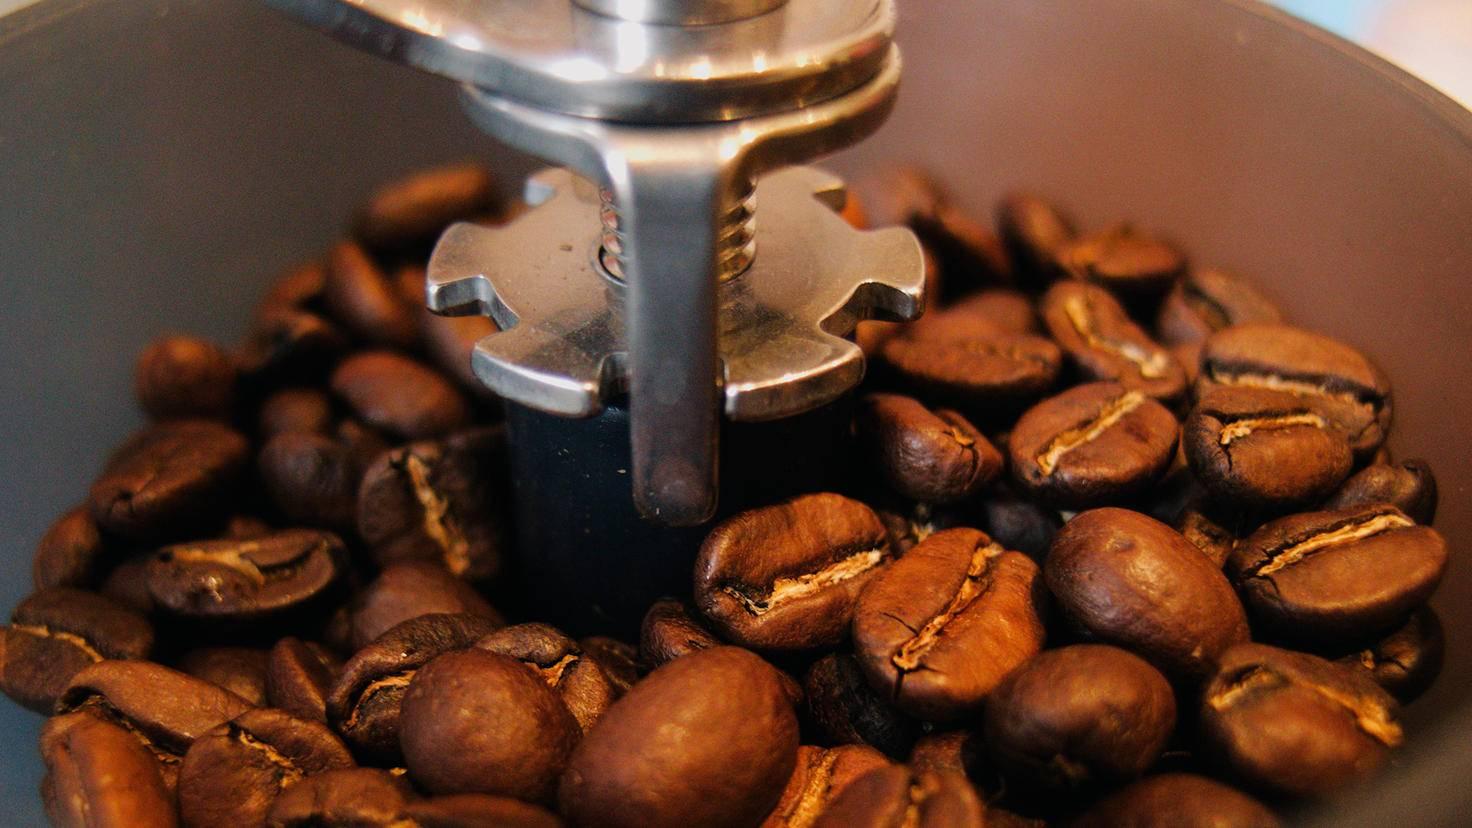 Indem Du das Mahlwerk anders einstellst, variierst Du den Geschmack des Kaffees.